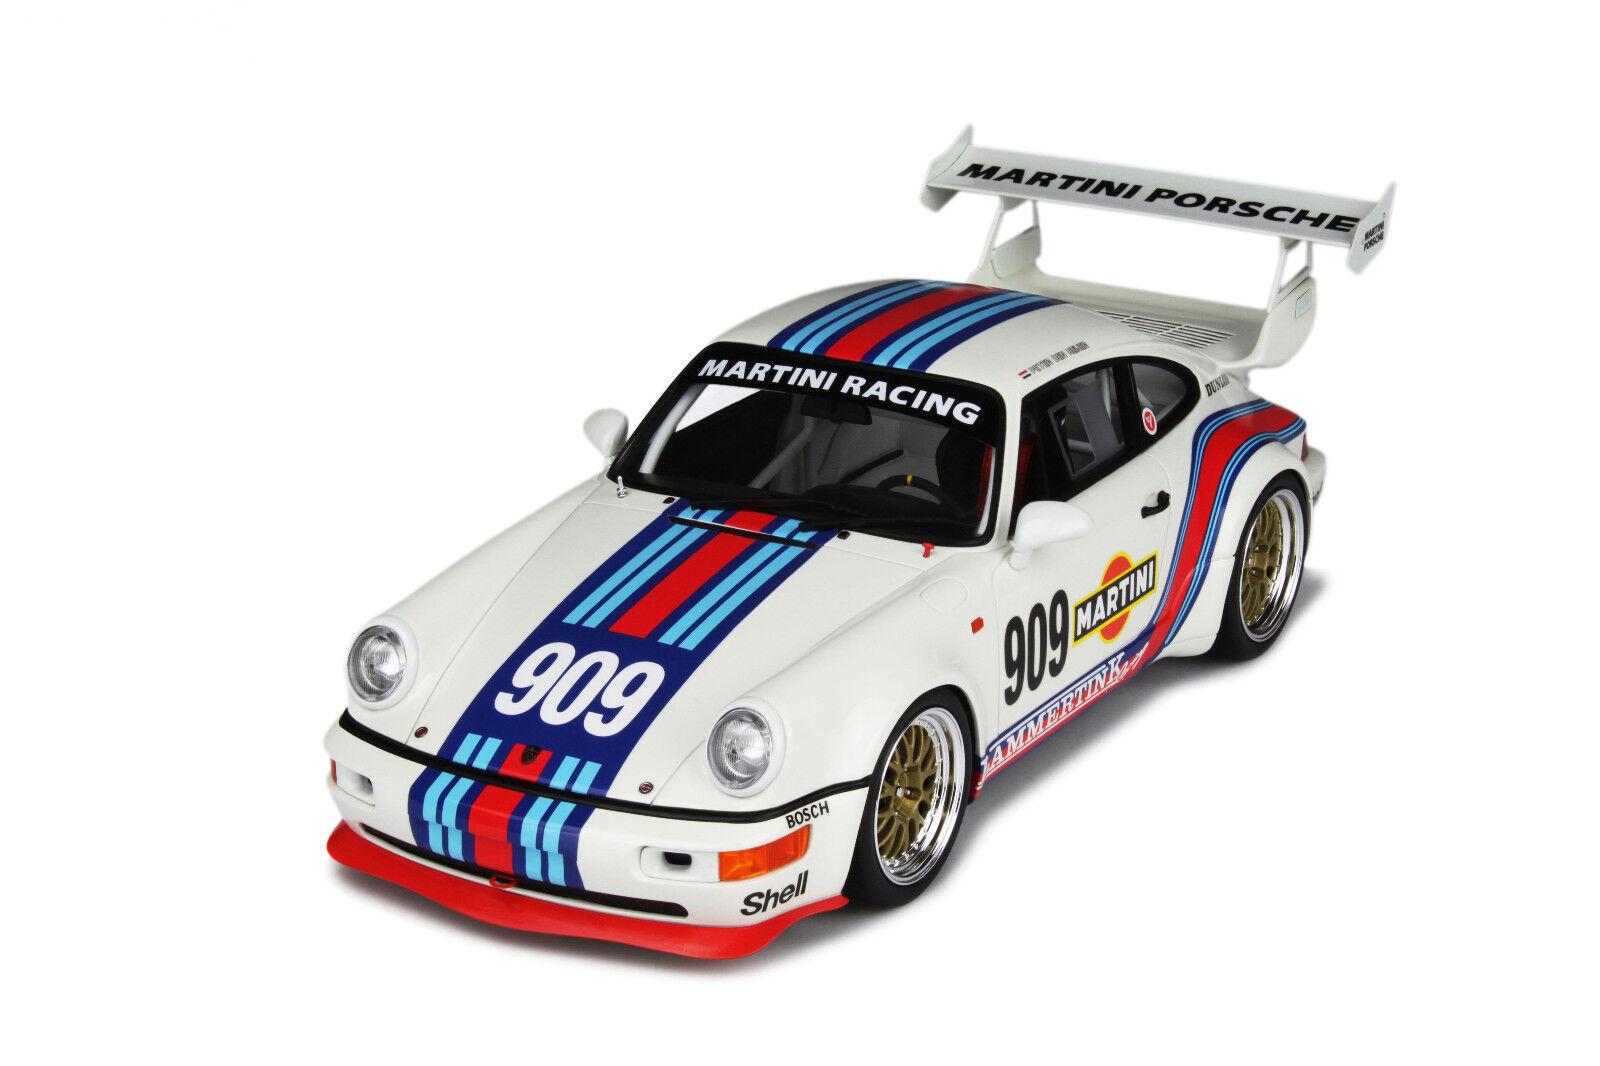 18 gt geist porsche 911 964 rsr turbo martini 1994 versandkosten 3,8